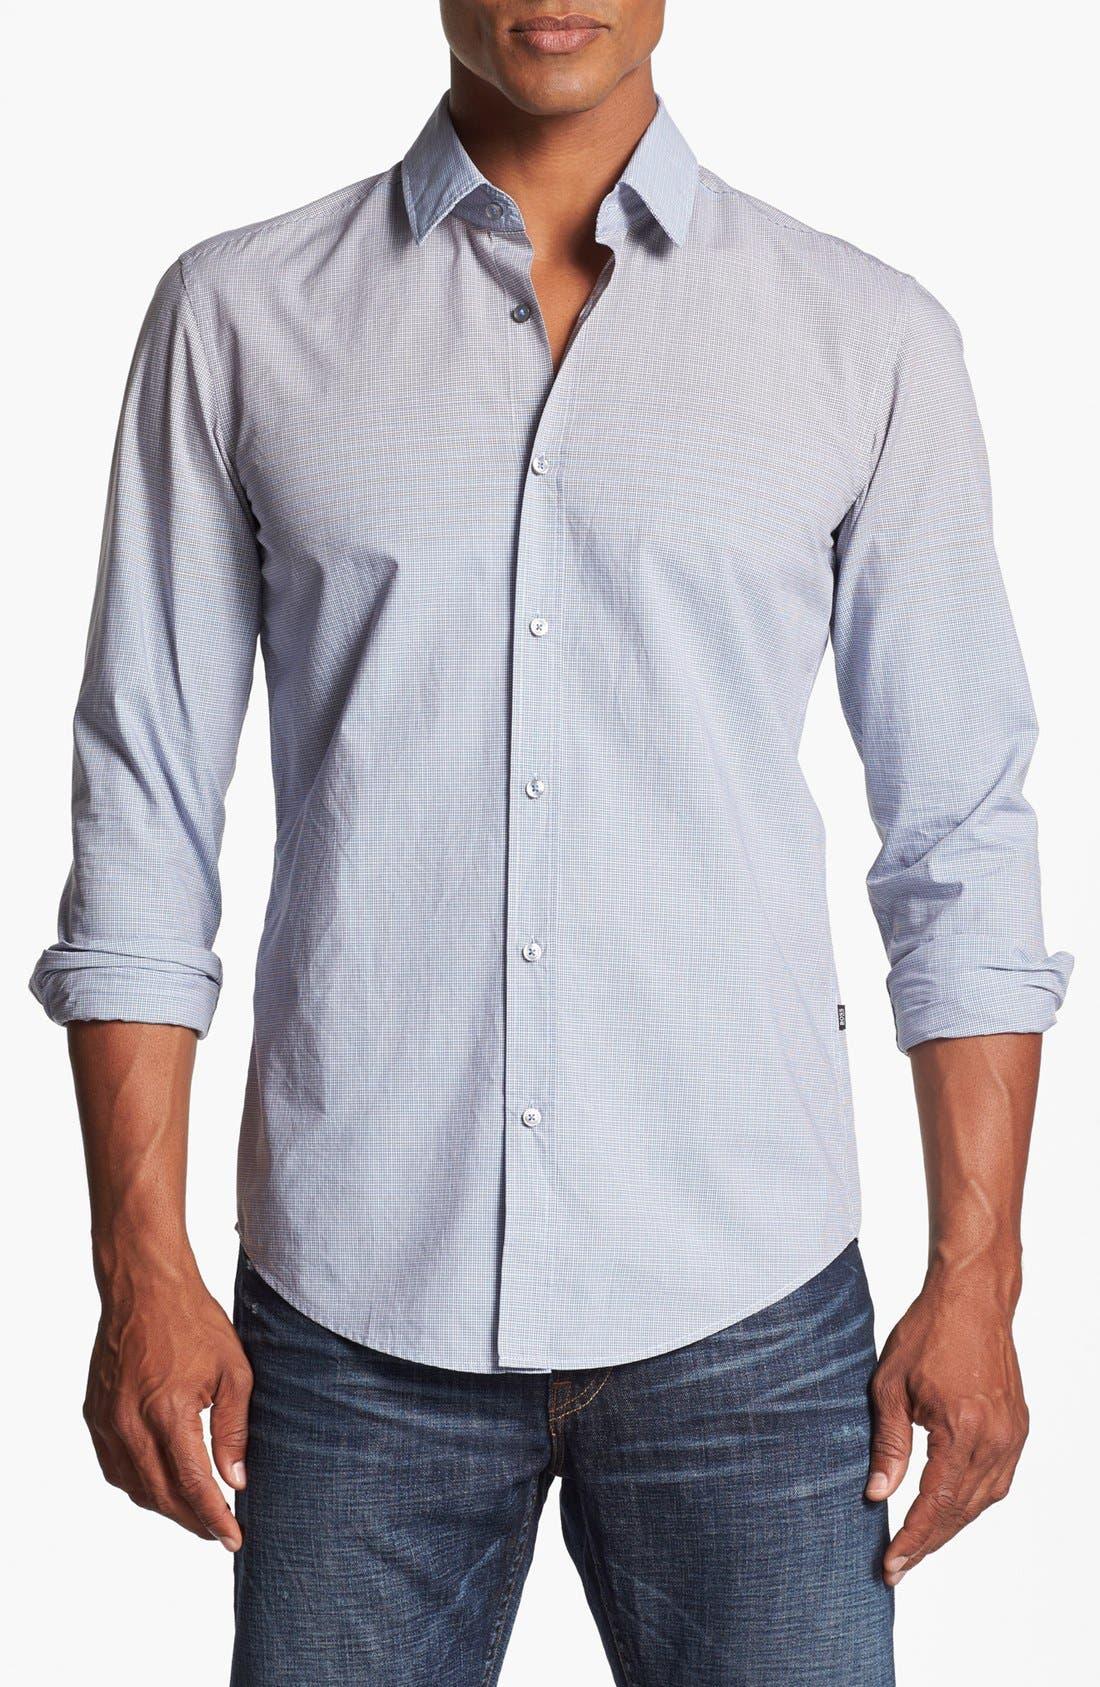 Alternate Image 1 Selected - BOSS HUGO BOSS 'Ronny' Slim Fit Ombré Check Sport Shirt